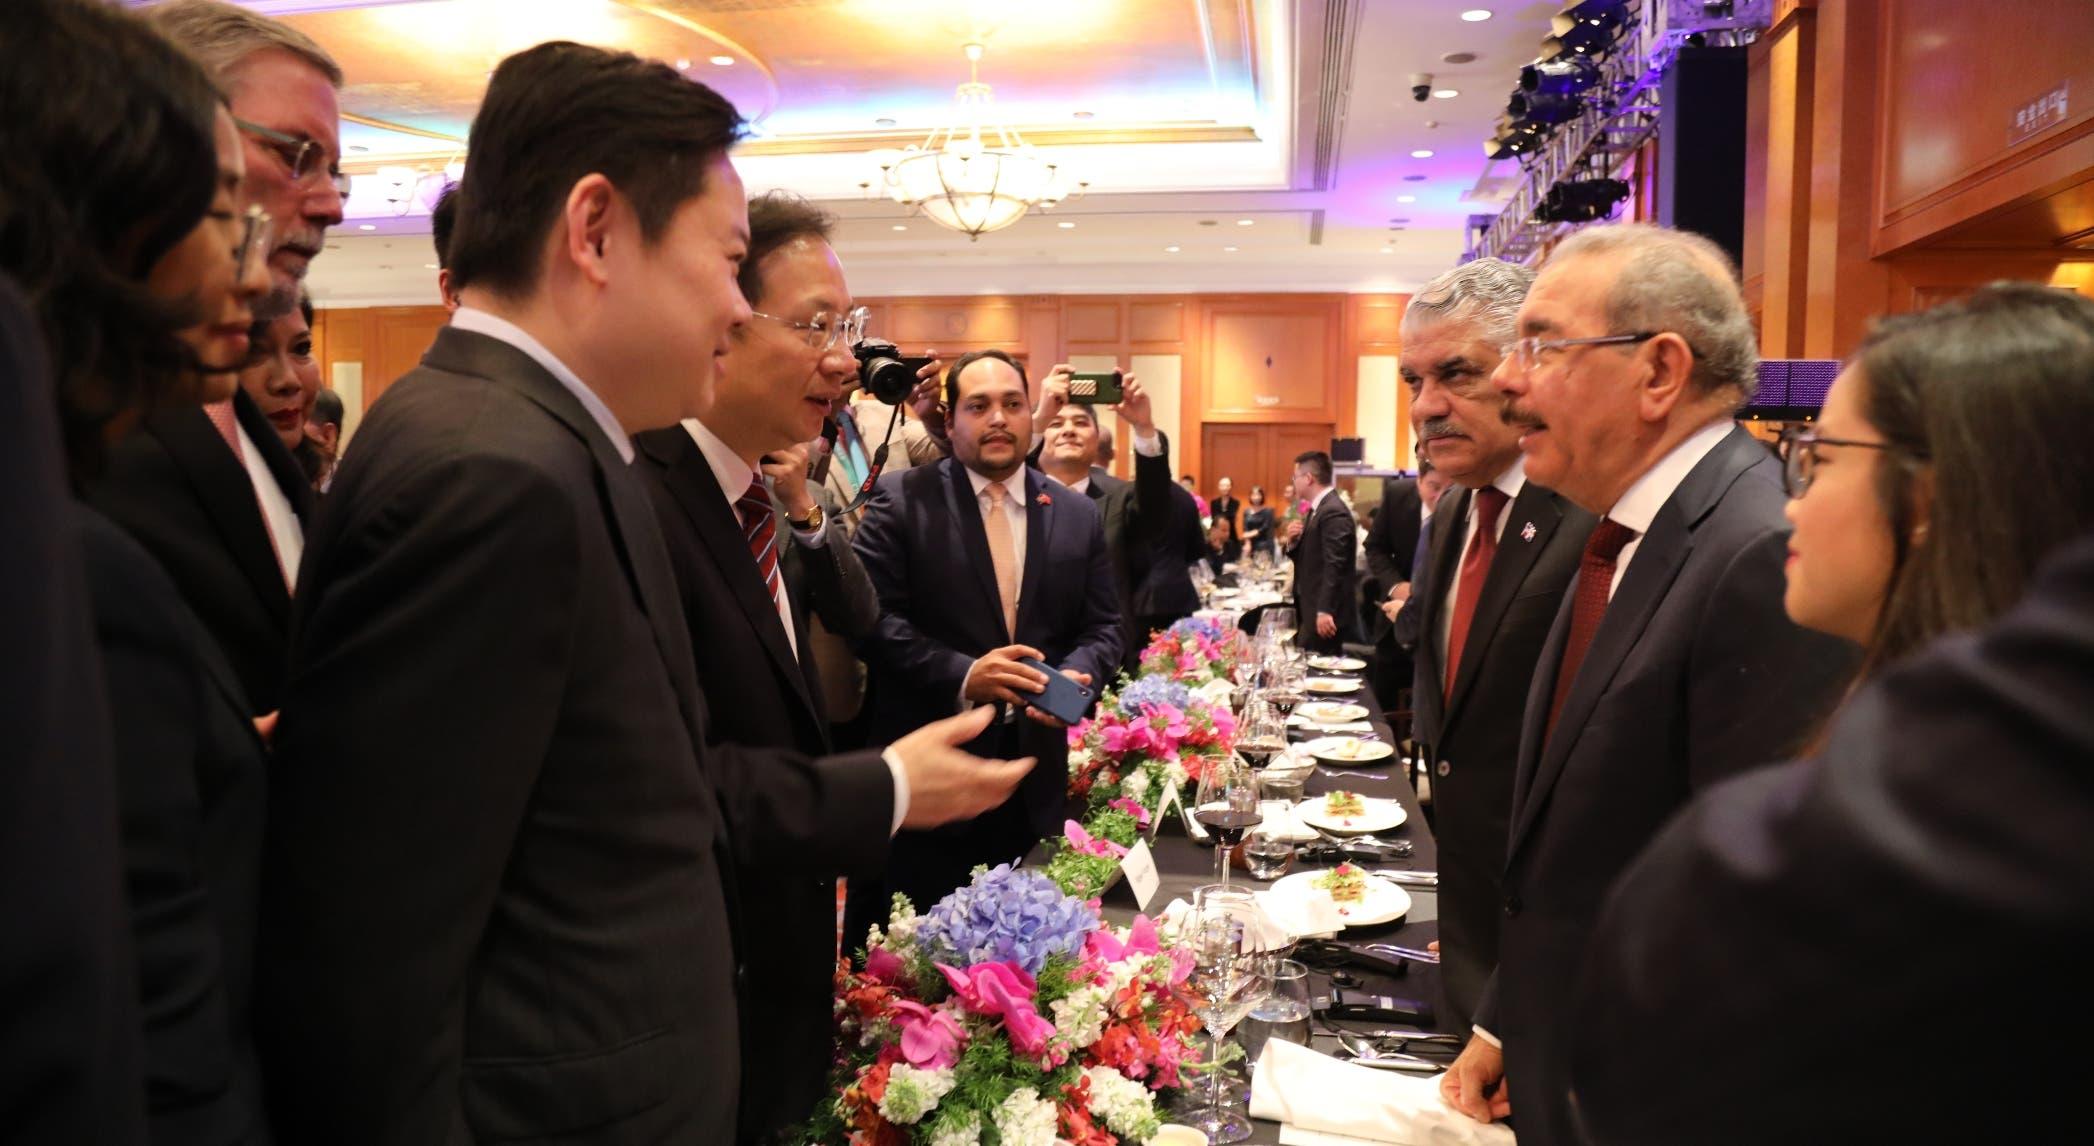 Con la firma de varios  acuerdos, los presidentes Danilo Medina y Xi Jinping abrieron un nicho de oportunidades para ambas naciones.